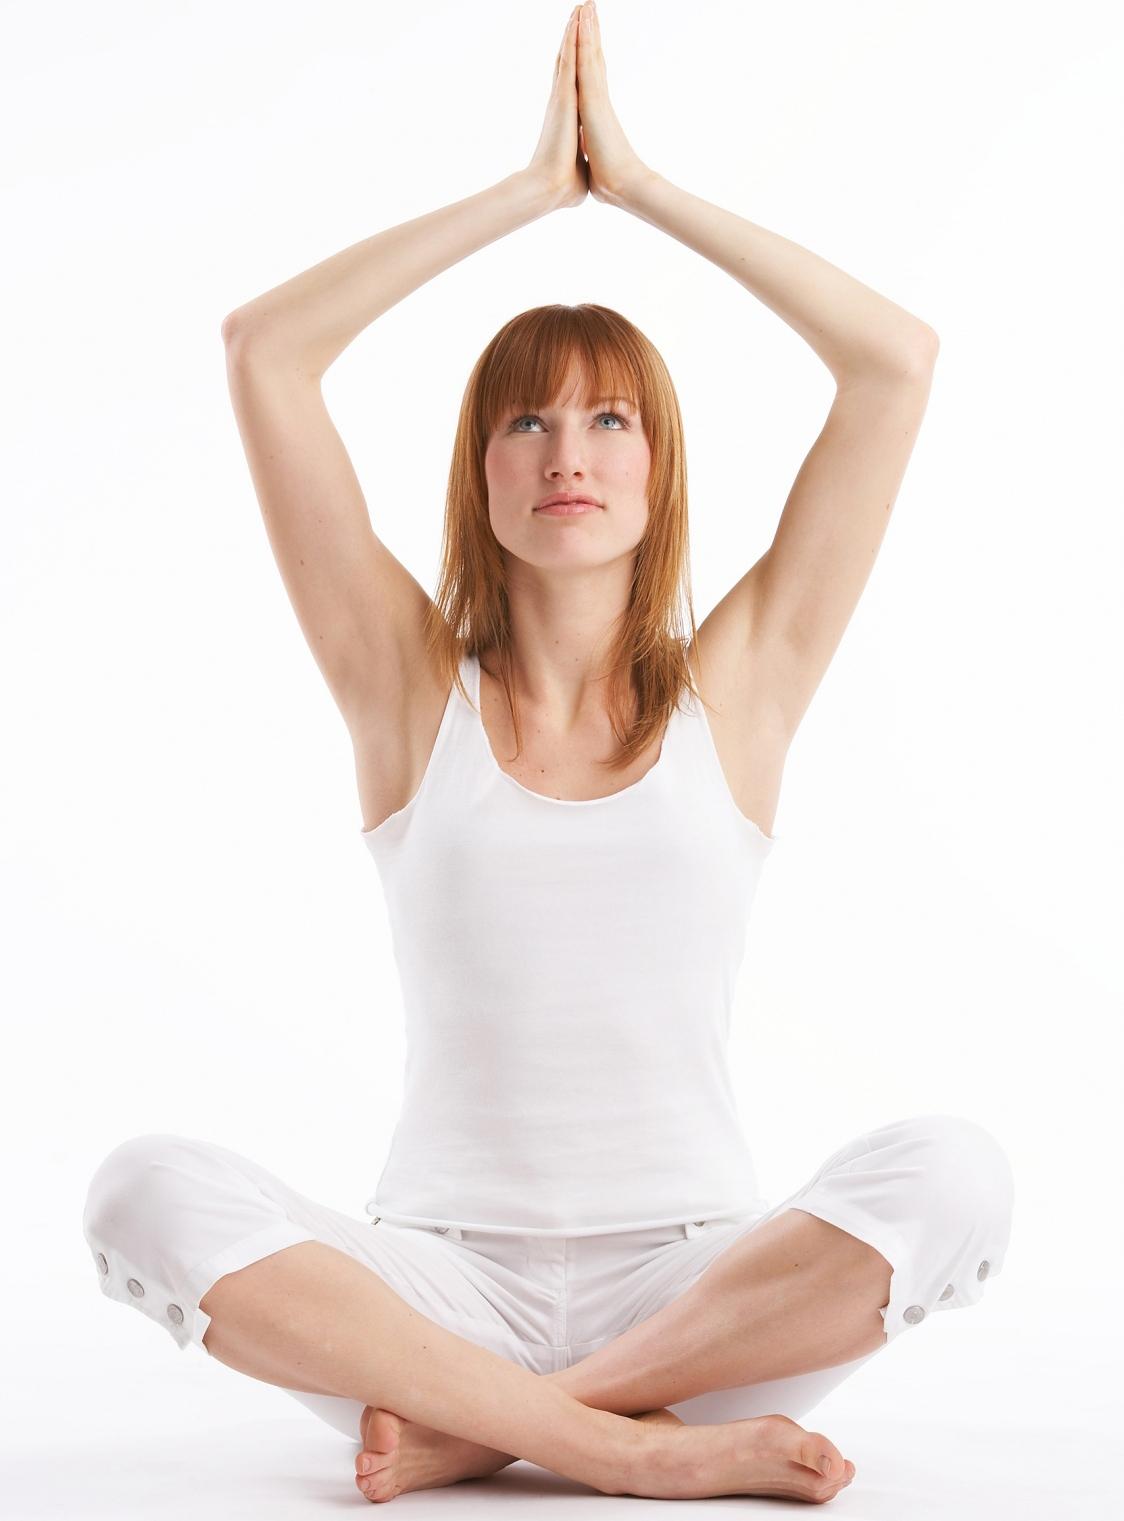 Yoga e stretching: i rimedi naturali contro il mal di schiena cronico